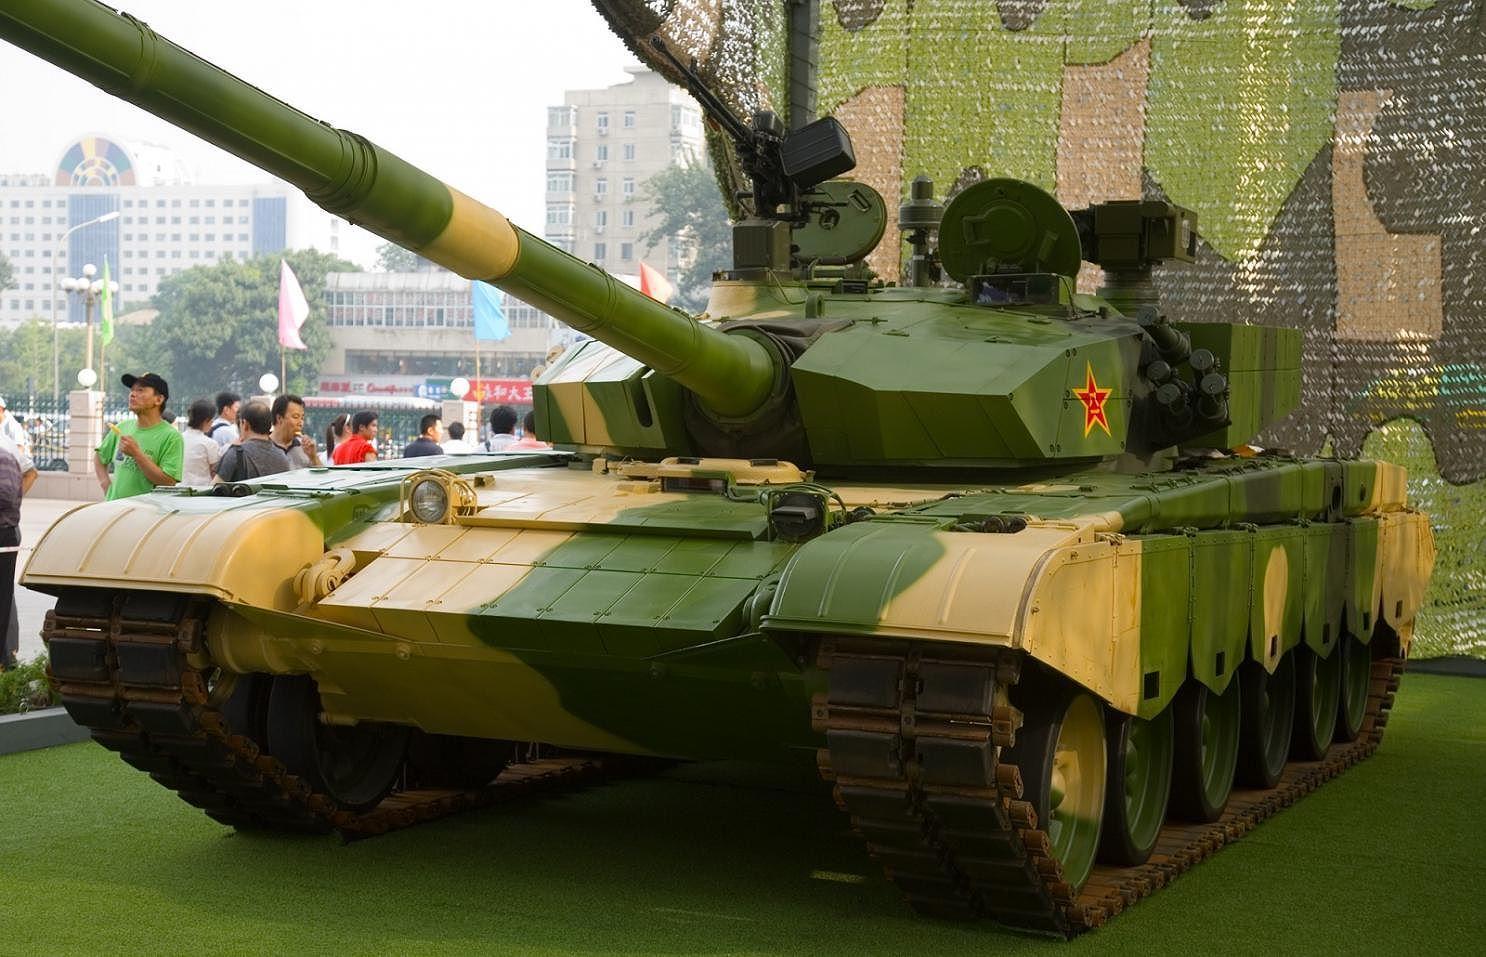 Chuyện lạ: Trung Quốc dùng pháo, xe tăng chữa cháy rừng Ảnh 1